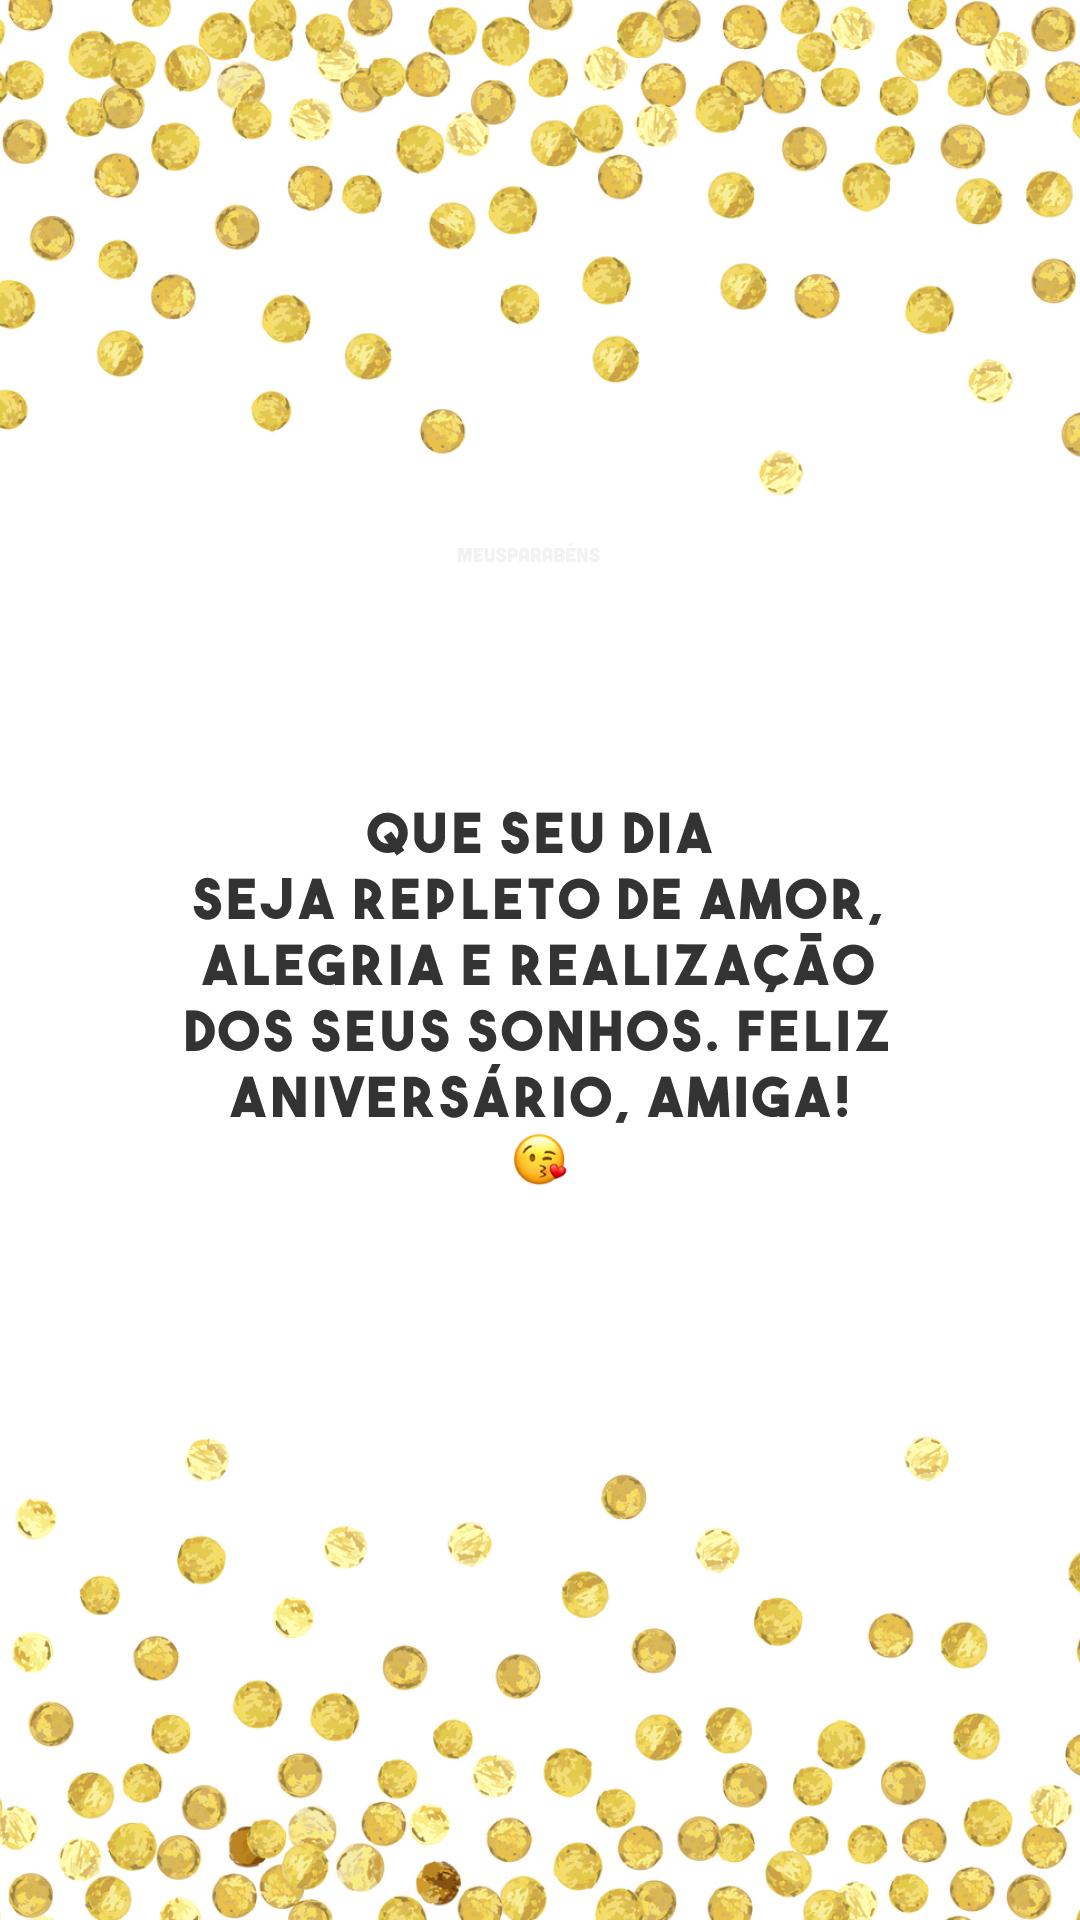 Que seu dia seja repleto de amor, alegria e realização dos seus sonhos. Feliz aniversário, amiga! 😘